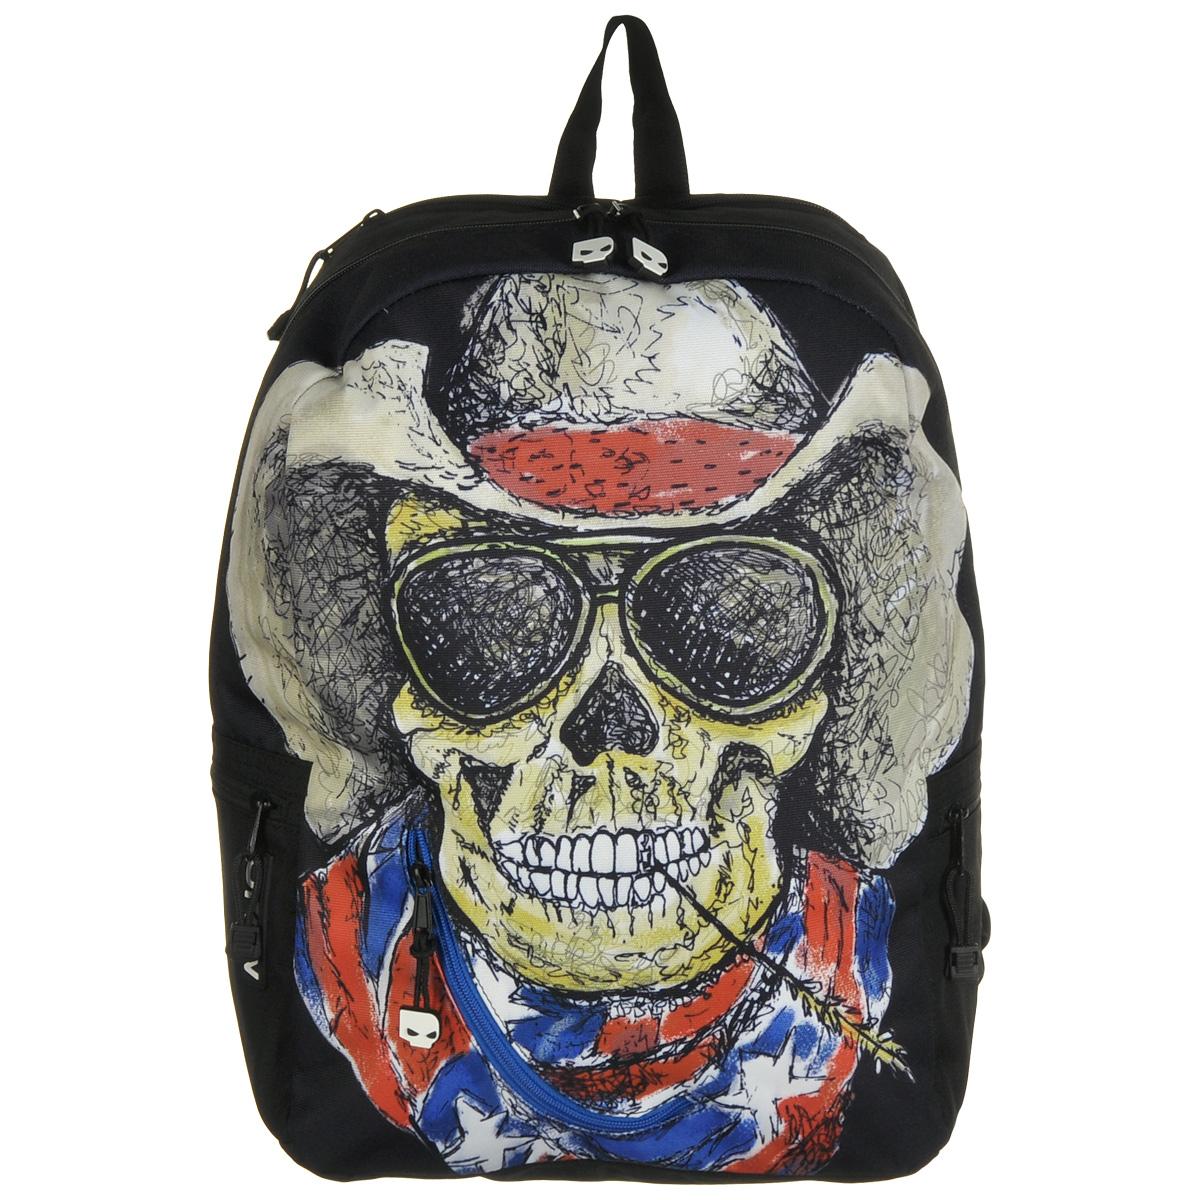 Рюкзак городской Mojo Pax Cowboy Skull, 20 лKZ9983493Городской рюкзак Mojo Pax Cowboy Skull подходит для тех, кто привык шокировать и выделяться из толпы. Идеальный вариант для школьников и студентов. Рюкзак выполнен из плотного полиэстера с оригинальным рисунком, материал изделия устойчив к воздействию влаги и не выгорает. Модель очень вместительная и функциональная: в основной отсек, закрывающийся на застежку-молнию, вместятся тетрадки, учебники и другие вещи. Также имеется специальное отделение для планшета, с мягкими стенками для защиты гаджета от повреждений. Снаружи расположено 3 кармашка на молнии для мелочей. Рюкзак имеет уплотненную спинку и мягкие широкие лямки регулируемой длины, а также петлю для переноски в руке. Смелость, независимость и чувство юмора - вот что ценит современный городской одинокий рейнджер. Даже рюкзак, в котором он носит все нужное, притягивает взгляды и вызывает восхищенную улыбку! Этот улыбающийся череп в ковбойской шляпе, солнечных очках и с колоском в зубах такой обаятельный и жизнерадостный, что даже при желании его не испугаешься. Зато в темноте принт на рюкзаке меняется до неузнаваемости. Фосфоресцирующим светом начинает светиться только череп и надпись на стеклах его очков. Эту сумку уж точно запомнят все, кто ее увидит!